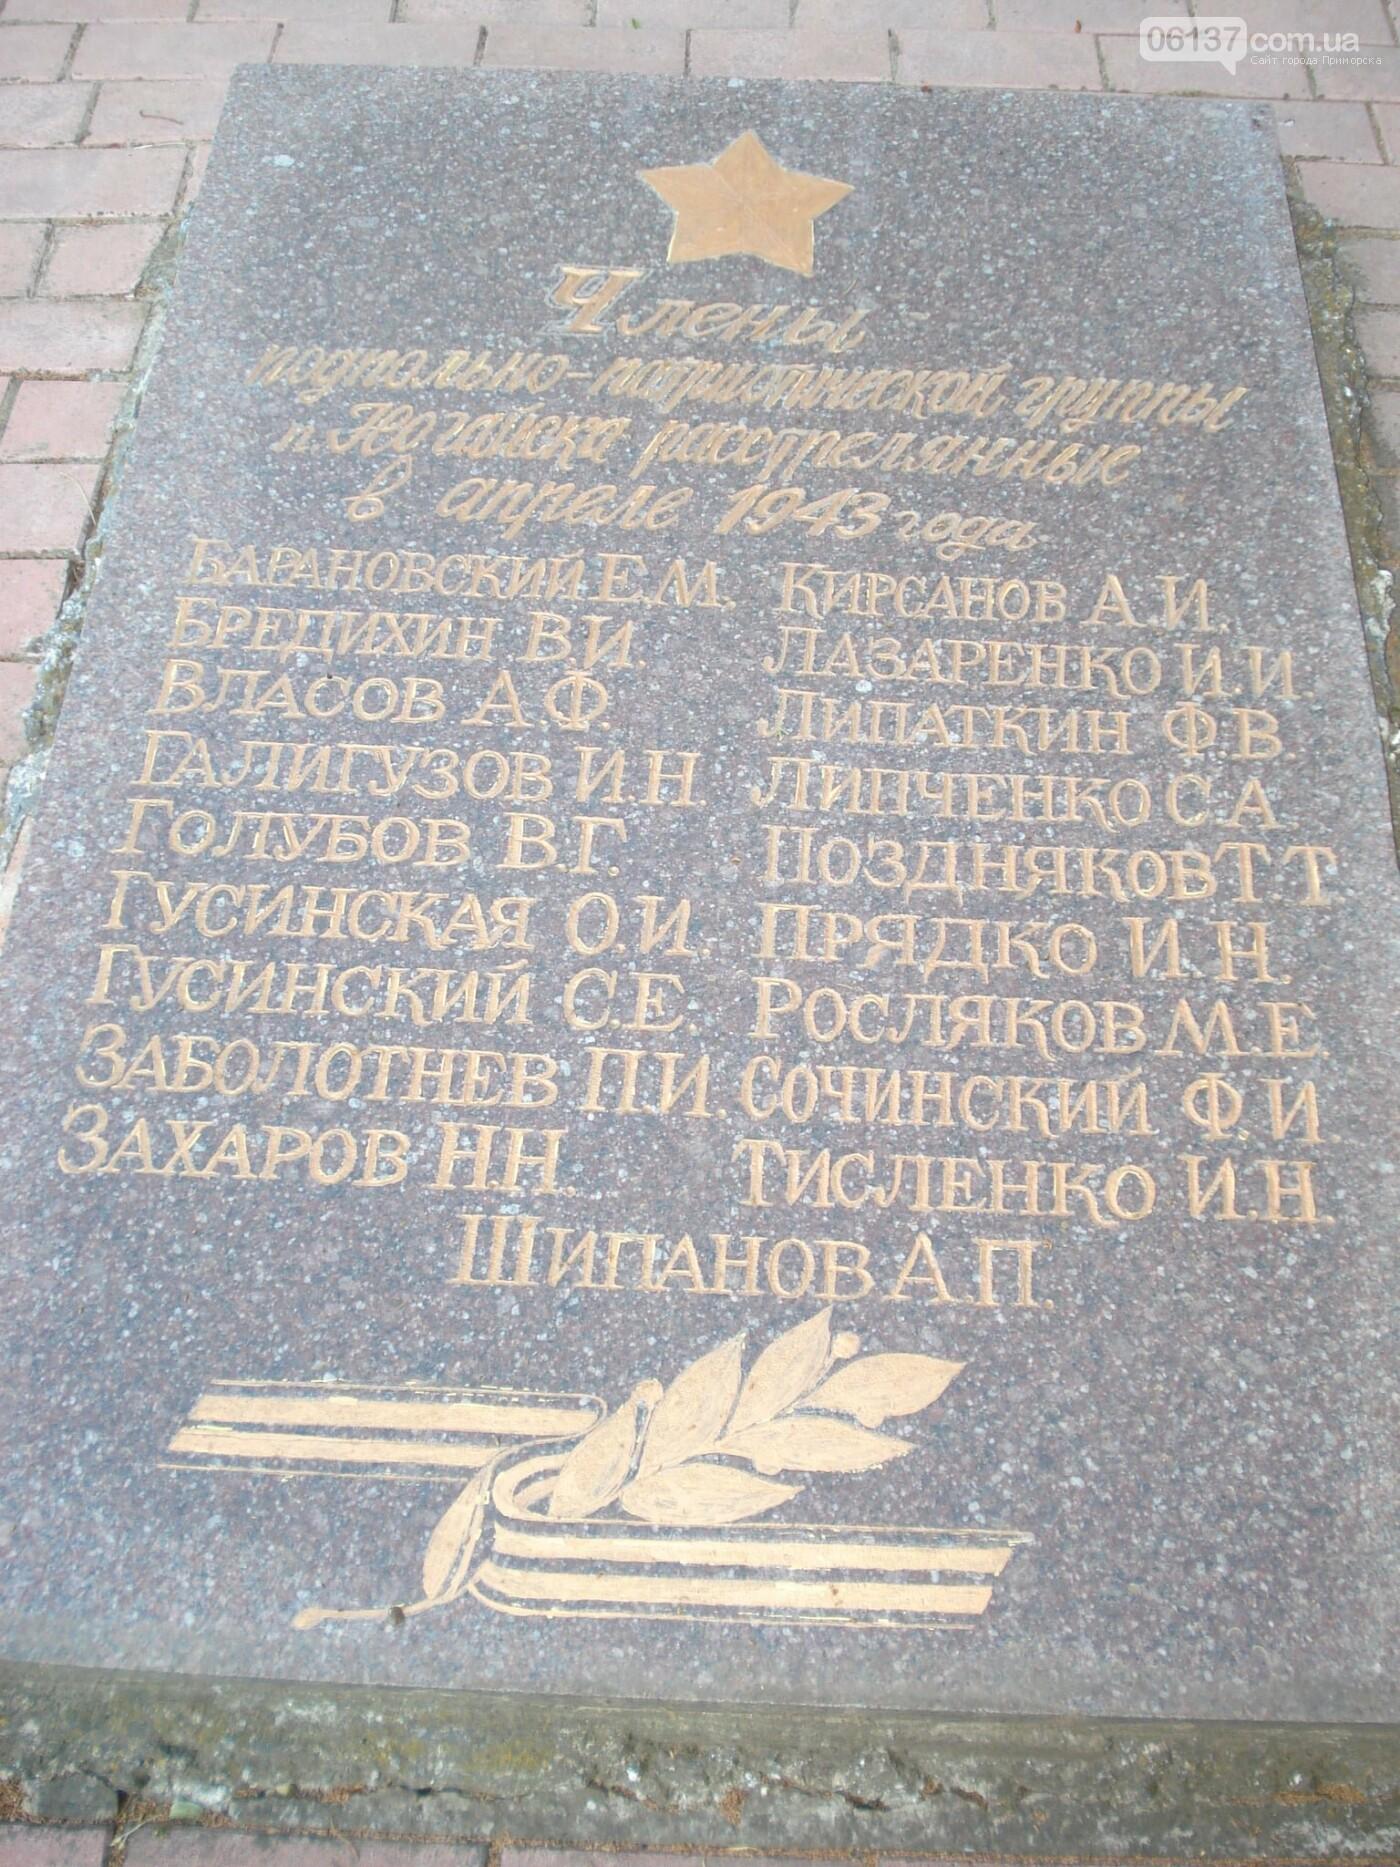 Історія Приморська. Ногайське підпілля, фото-1